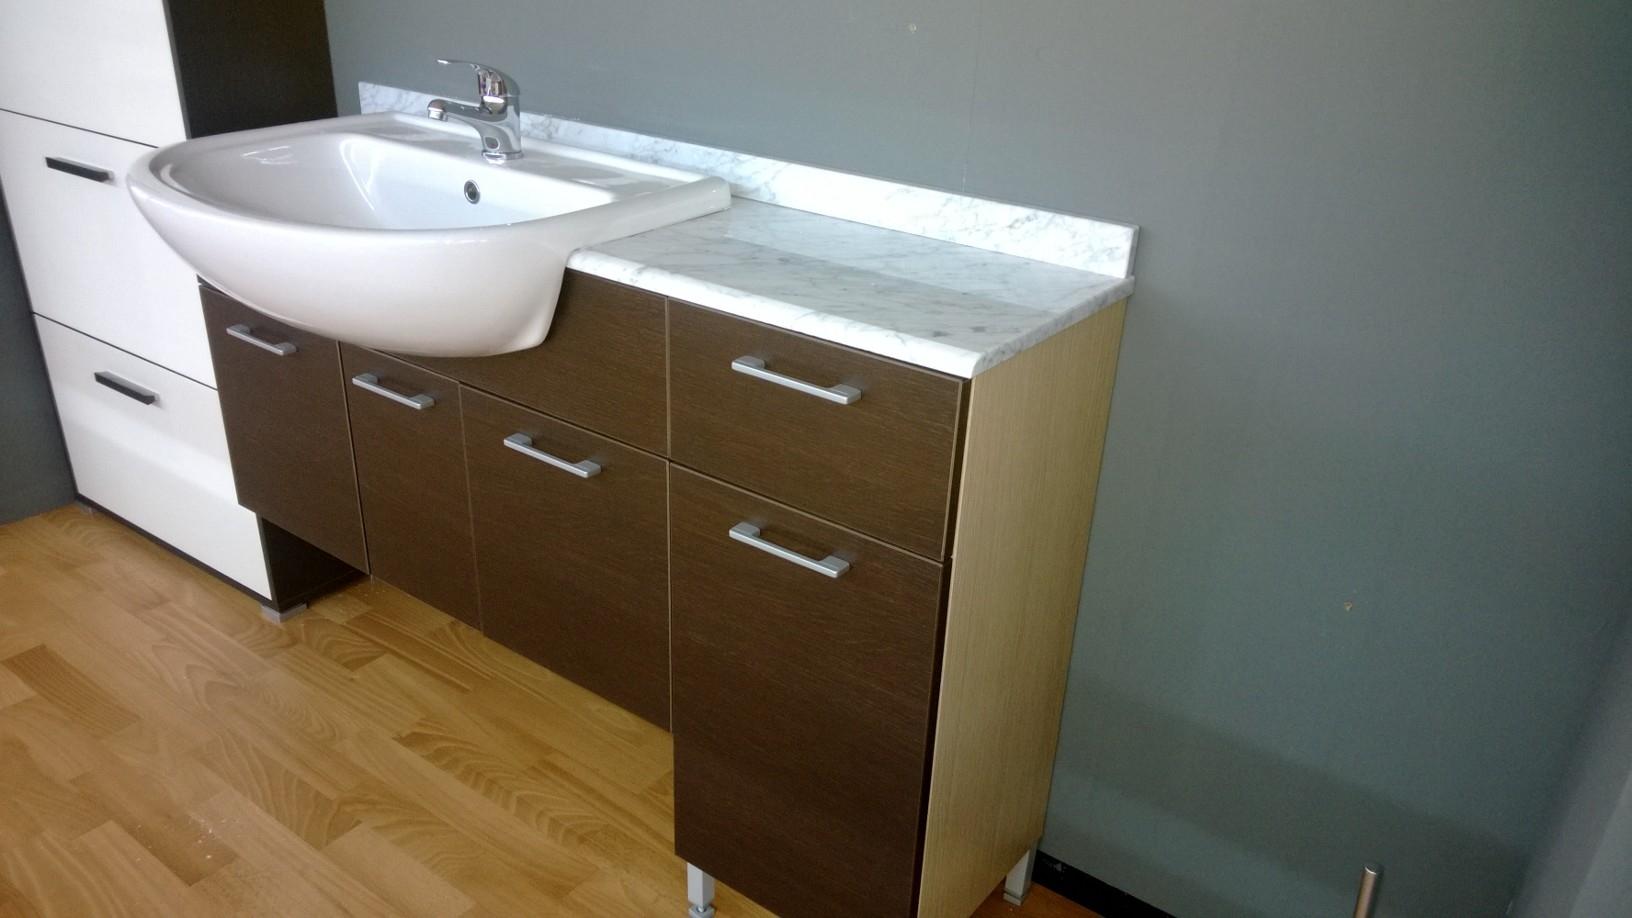 Mobili bagno piccole dimensioni sanitari bagno misure ridotte piccolo arredou x www org - Bagno piccole dimensioni ...